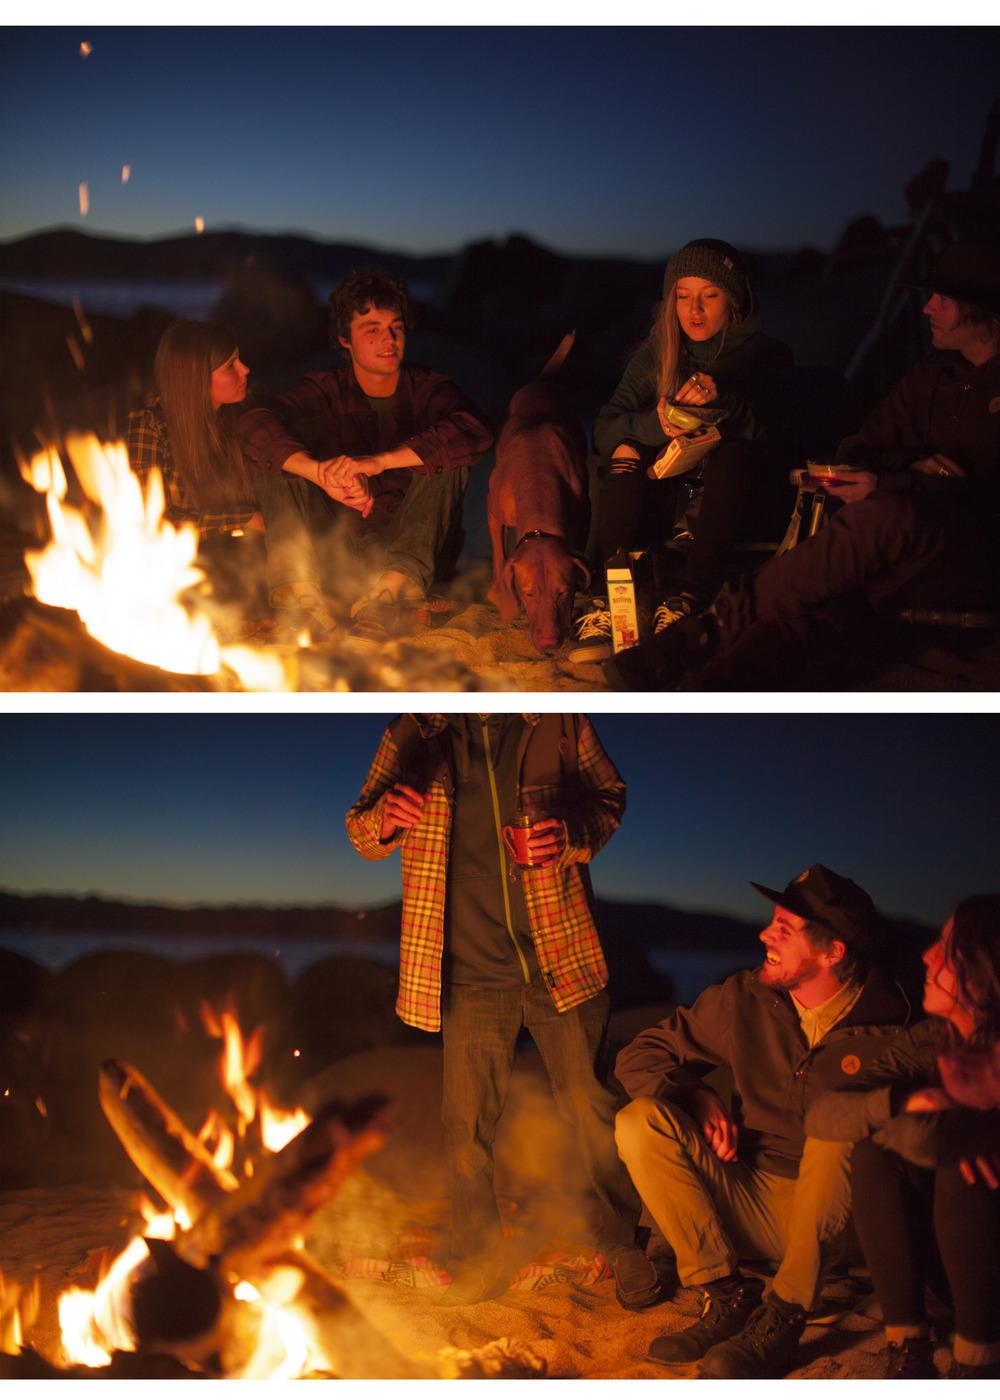 campfireskinn.jpg